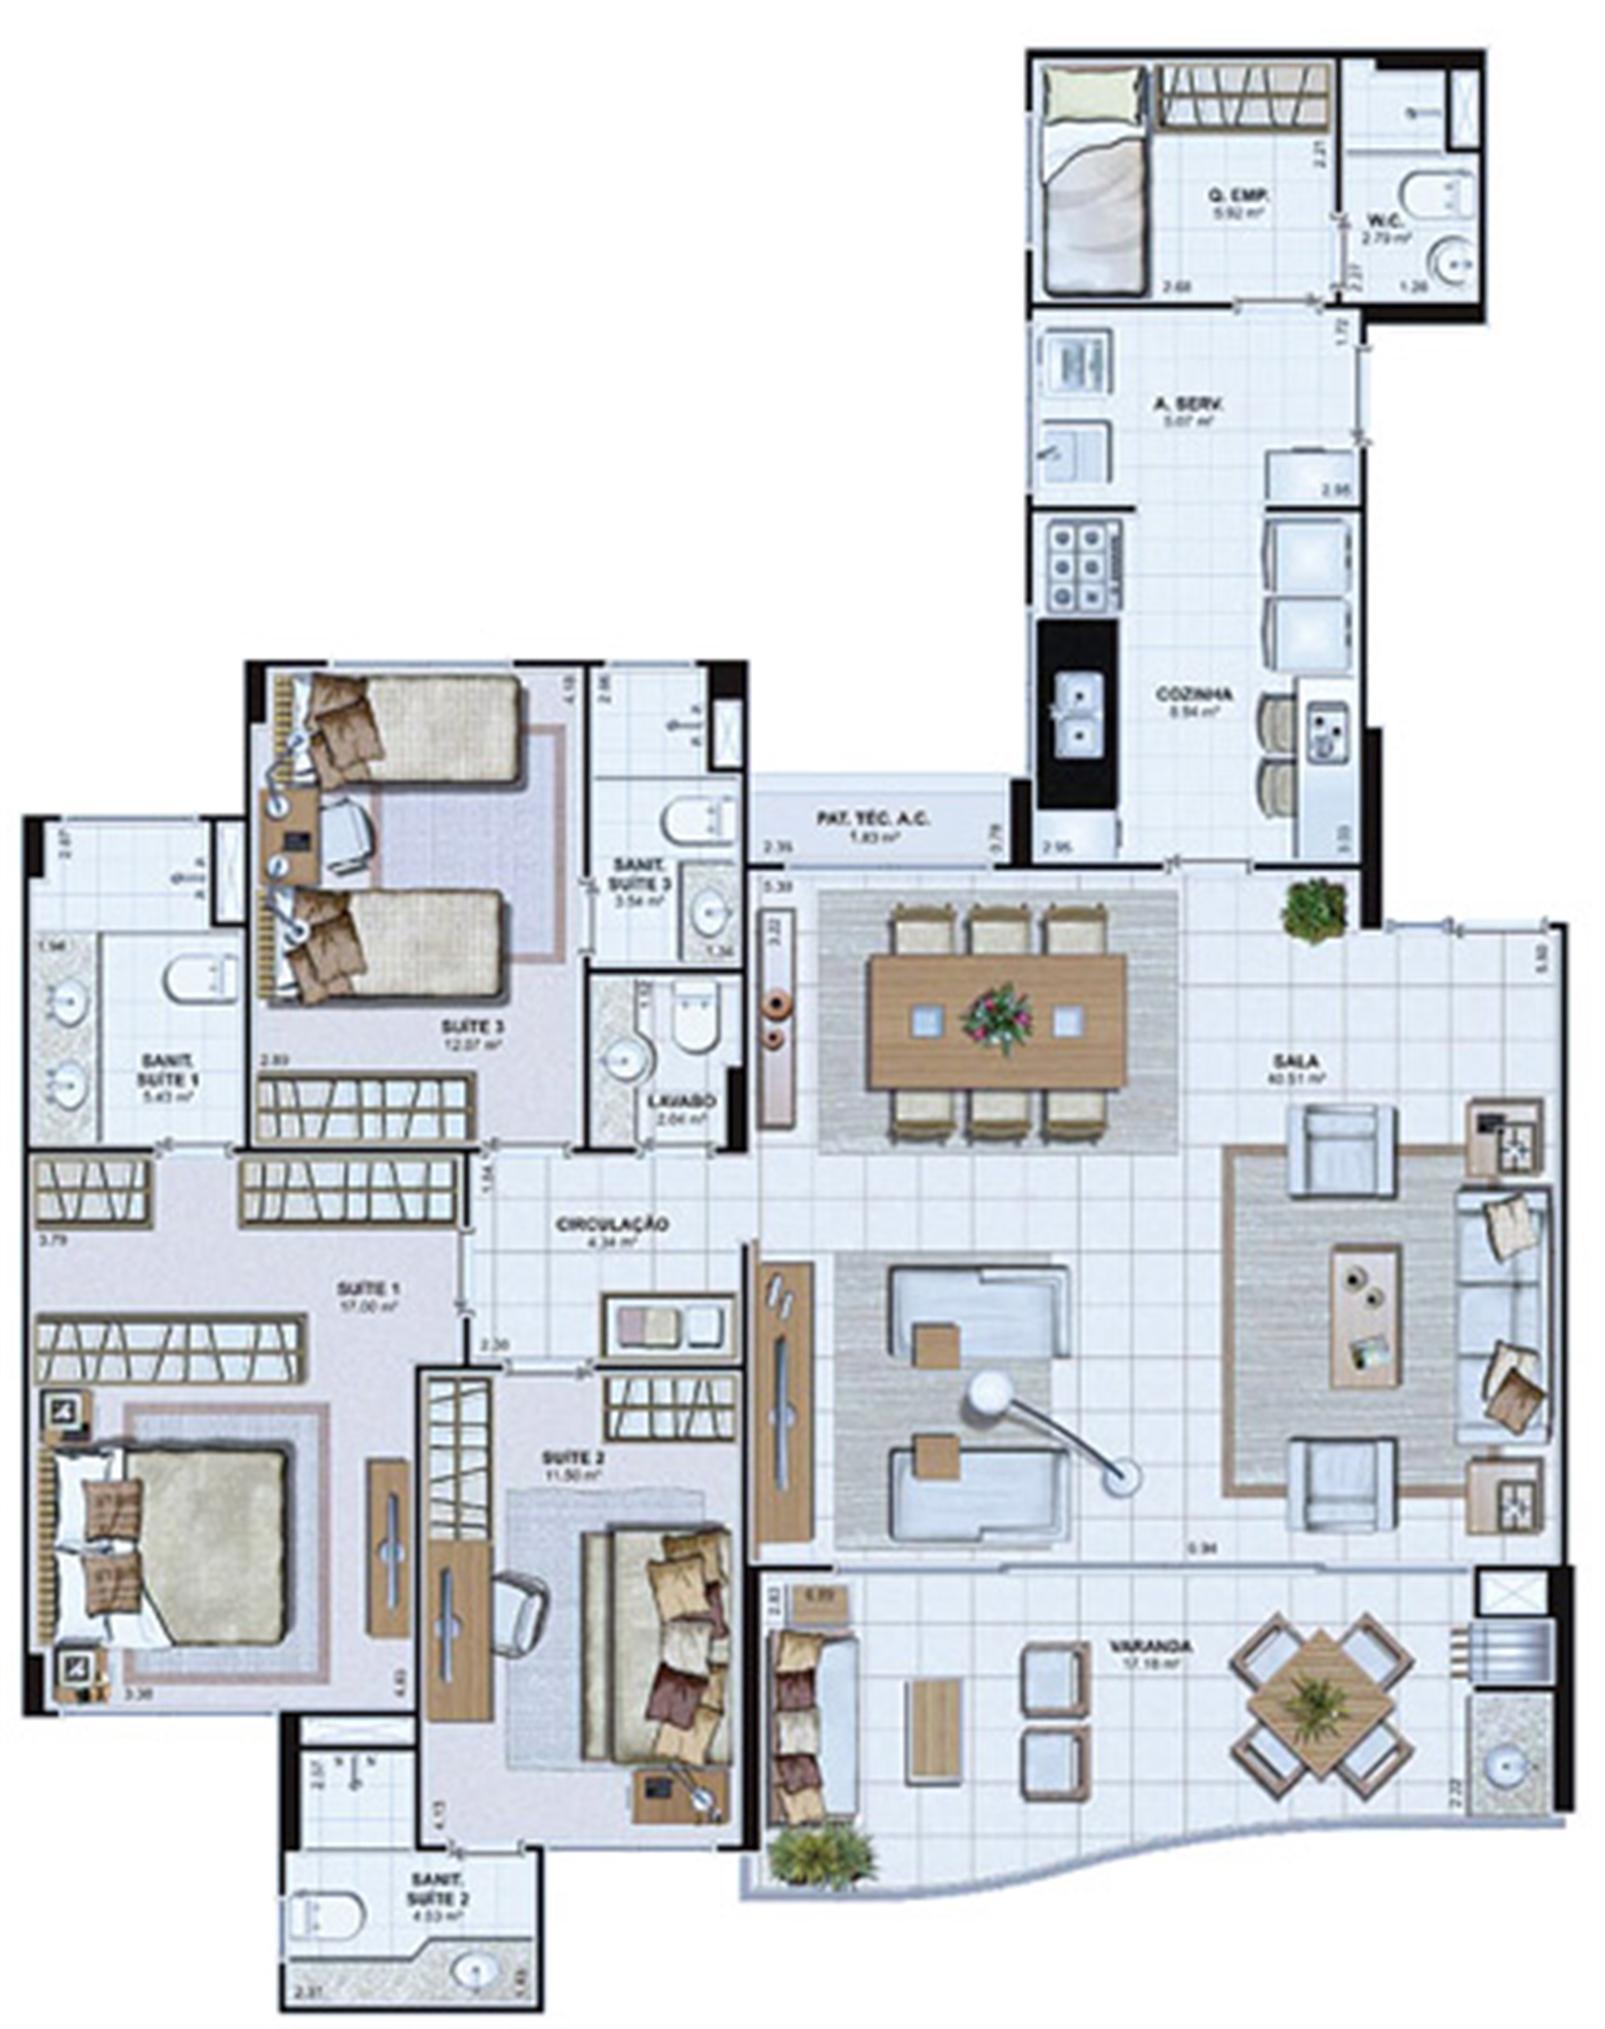 Planta Opção 142,69 m² | Le Parc Salvador – Apartamentona  Av. Paralela - Salvador - Bahia